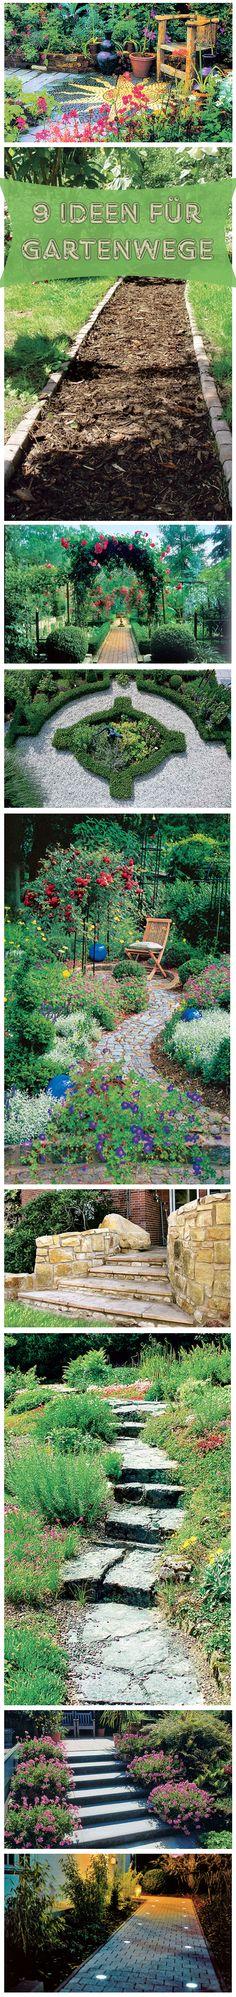 Gartenwege können so individuell sein wie die Besitzer der Gärten. Wir zeigen 9 verschiedene Ideen für Gartenwege.